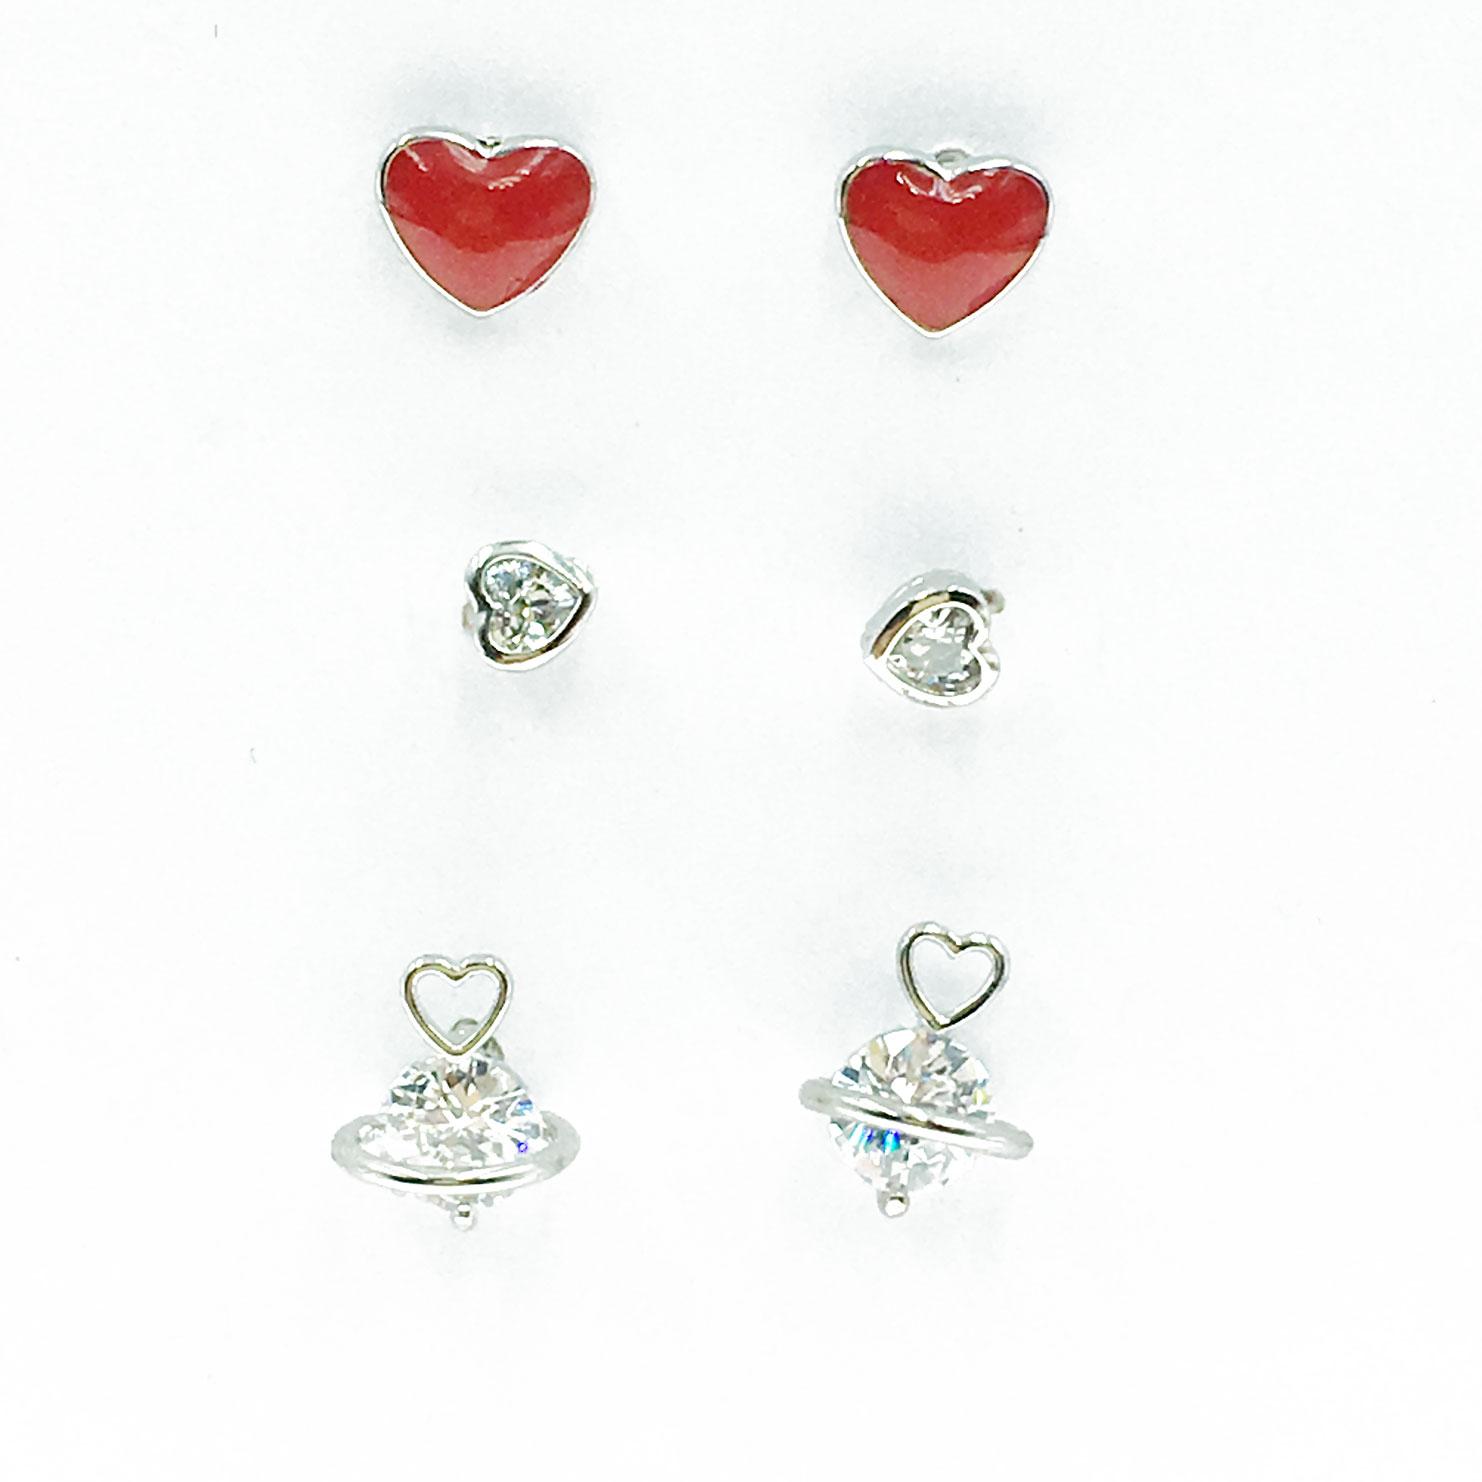 韓國 925純銀 水鑽 愛心 星球 6入組 耳針式 耳環